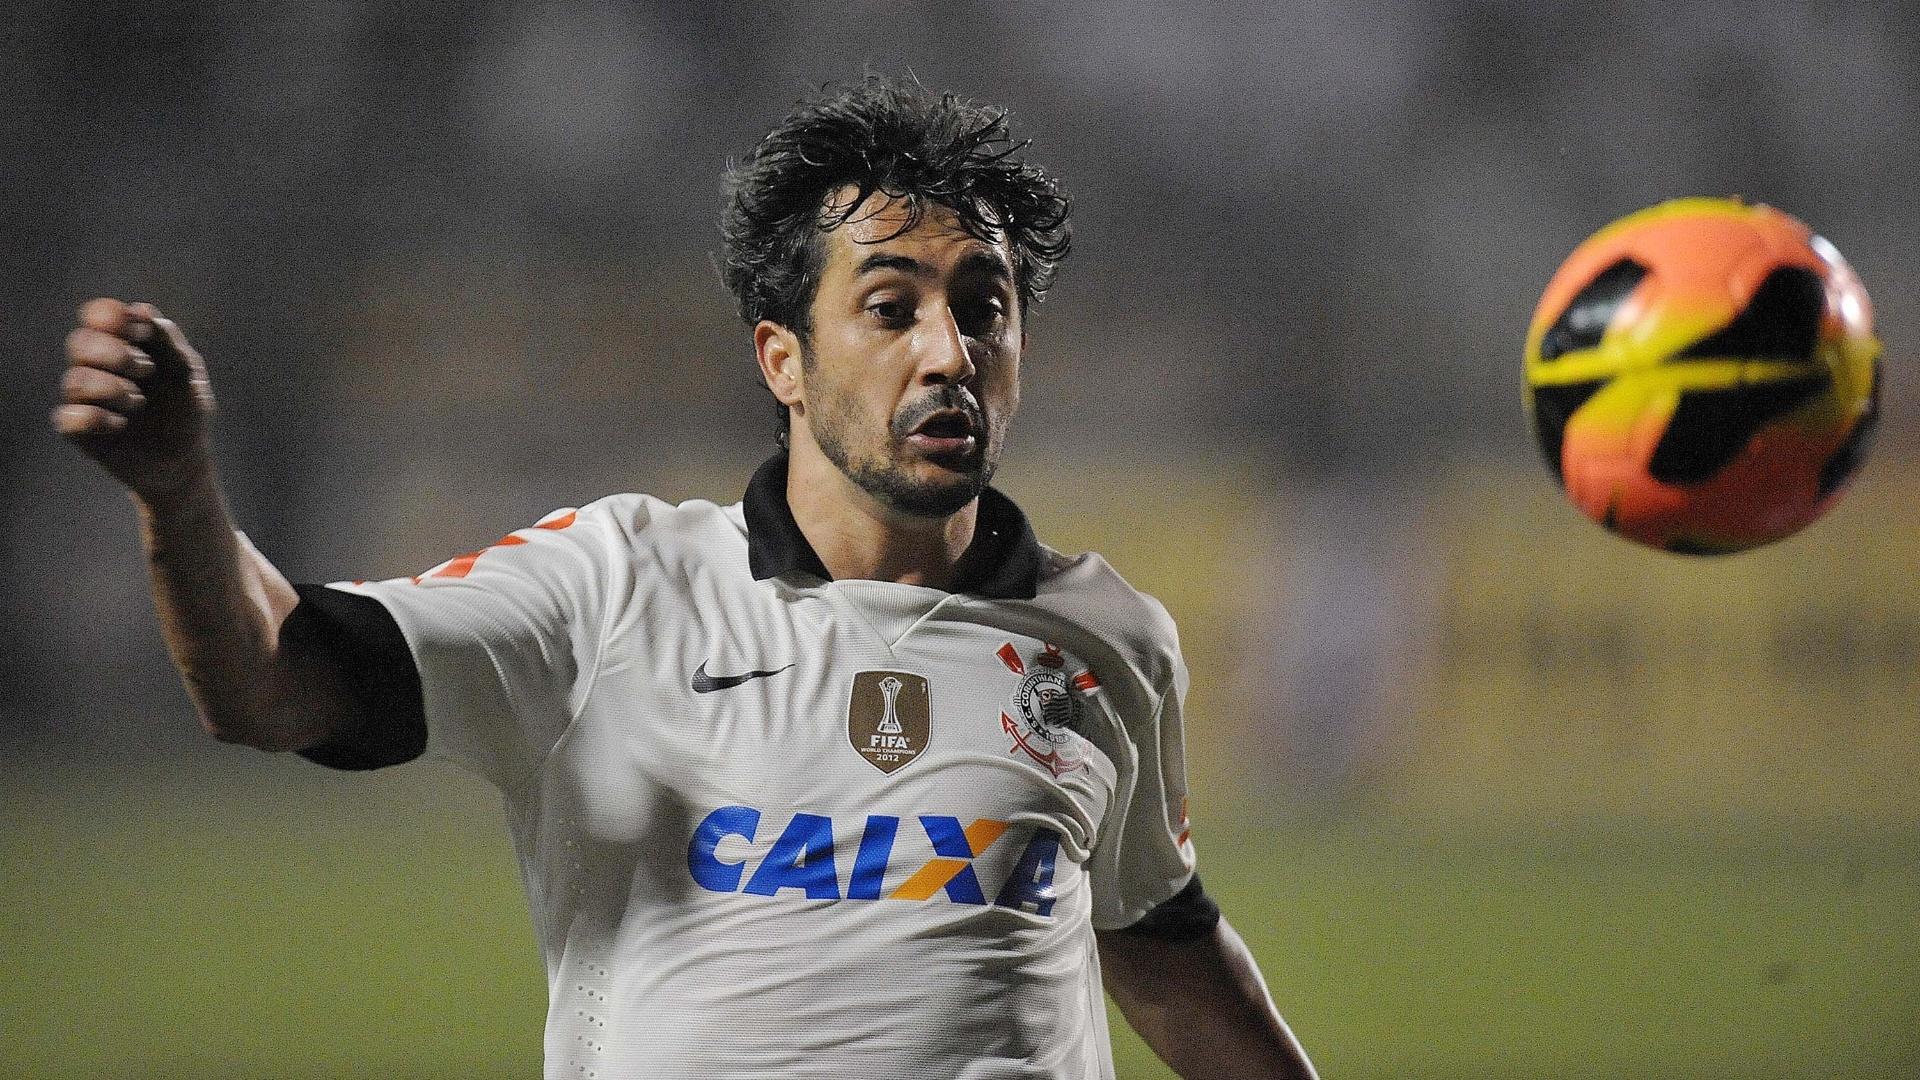 Douglas foi substituído no segundo tempo do empate de 0 a 0 entre Corinthians e Portuguesa